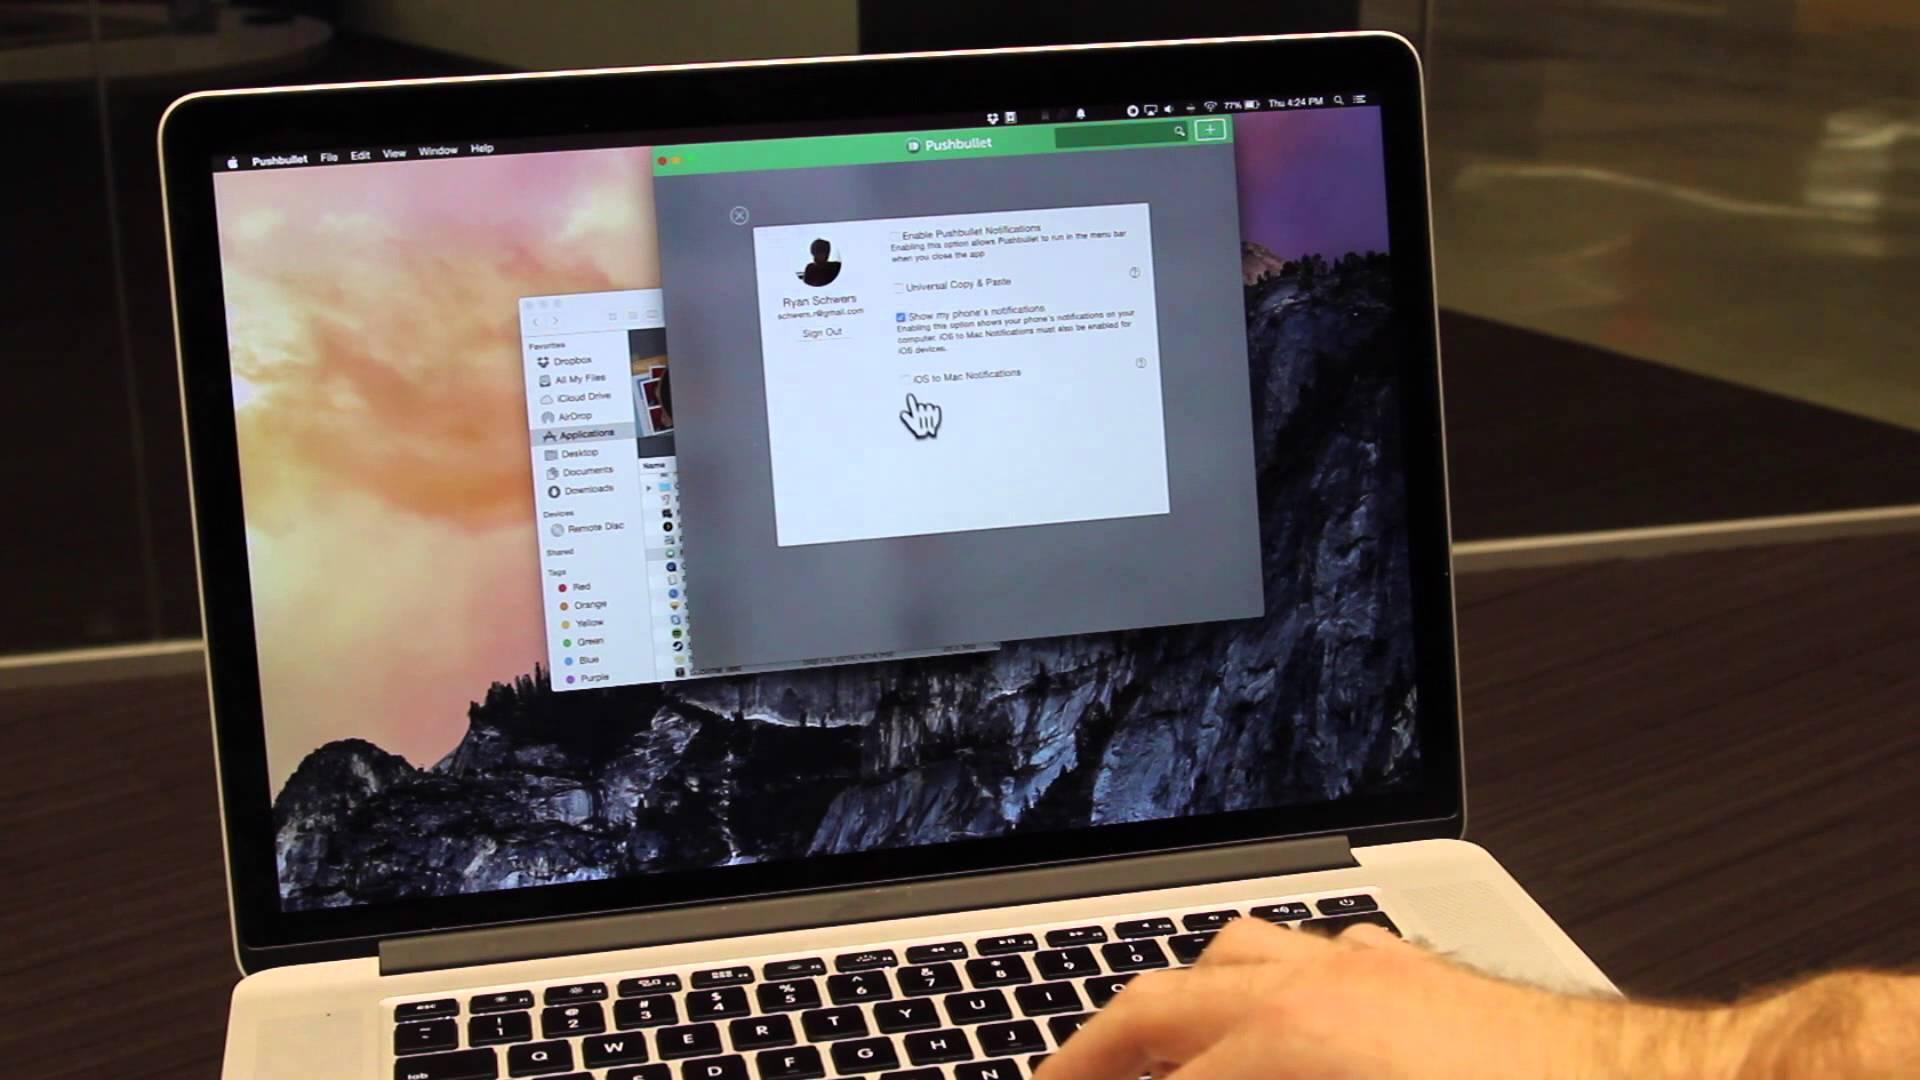 5 лучших бесплатных приложений для Mac по версии Product Hunt